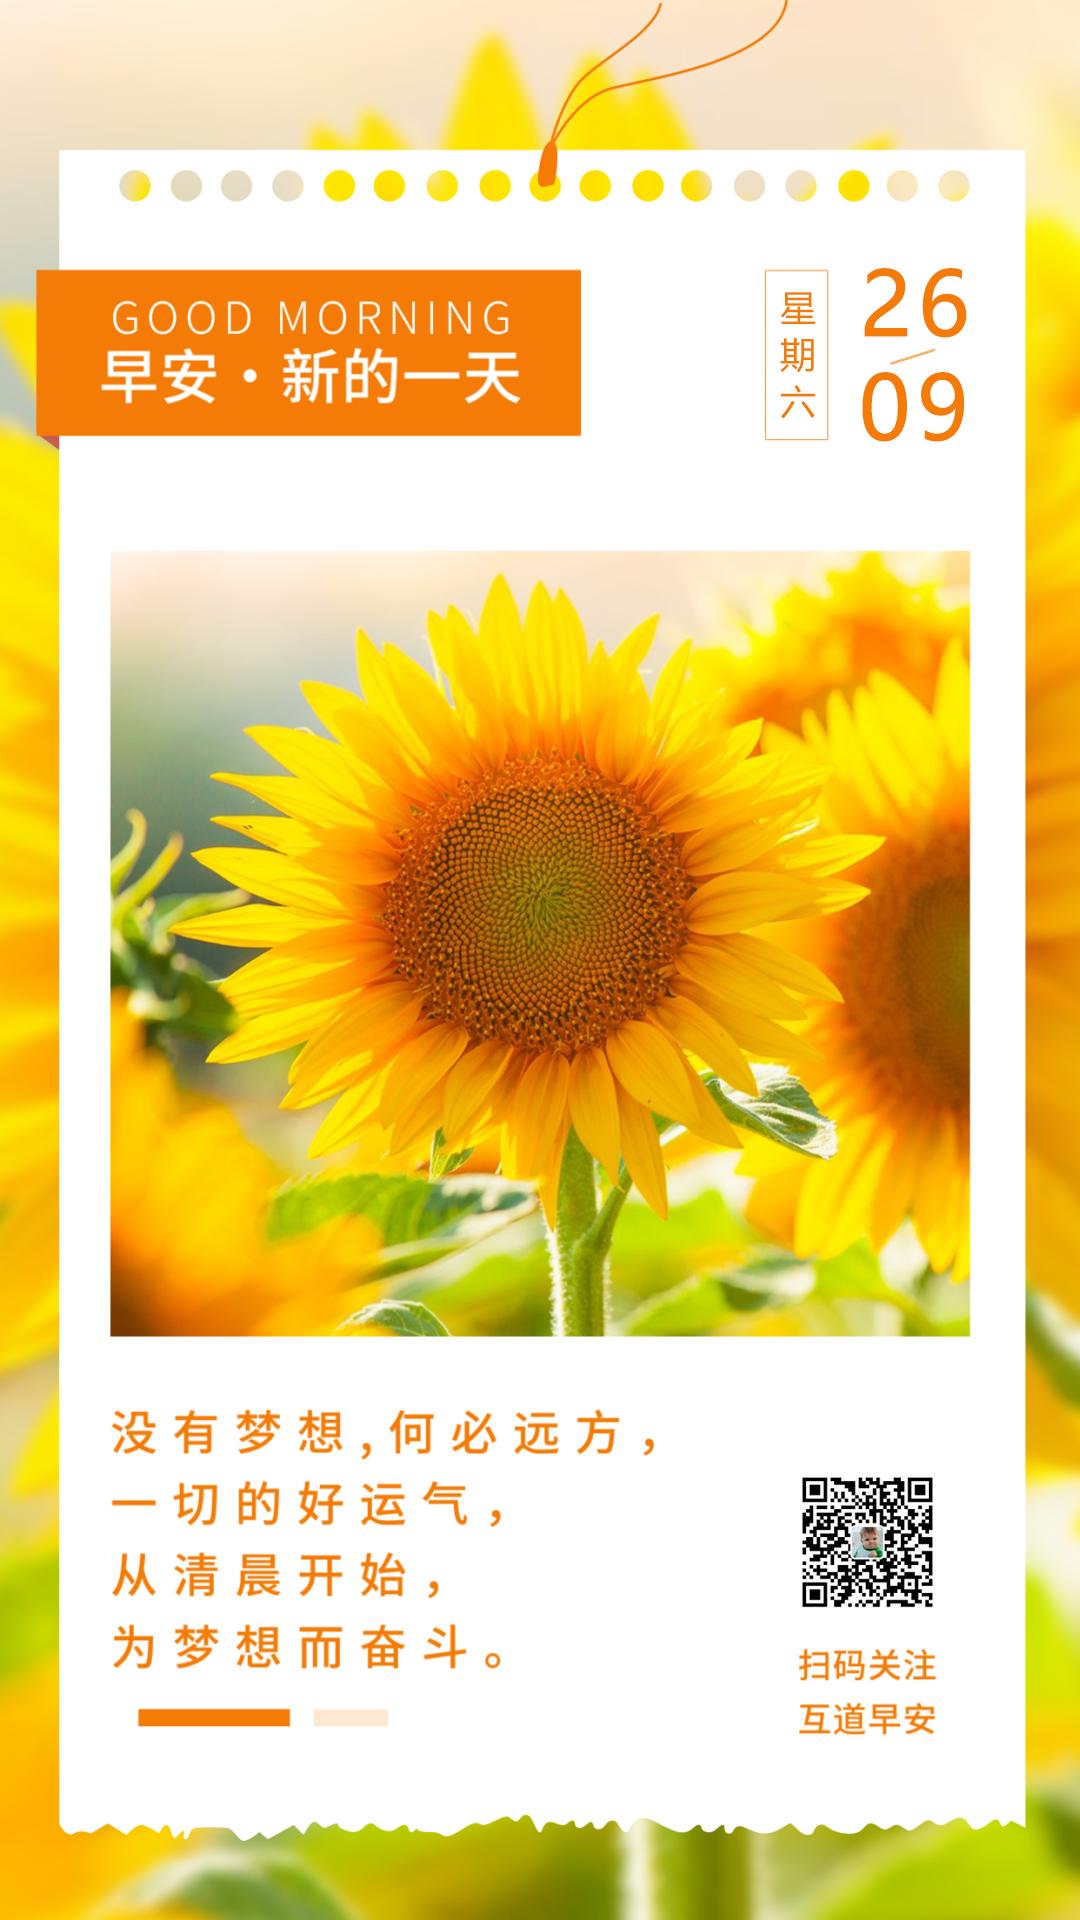 周末正能量阳光早安图片句子